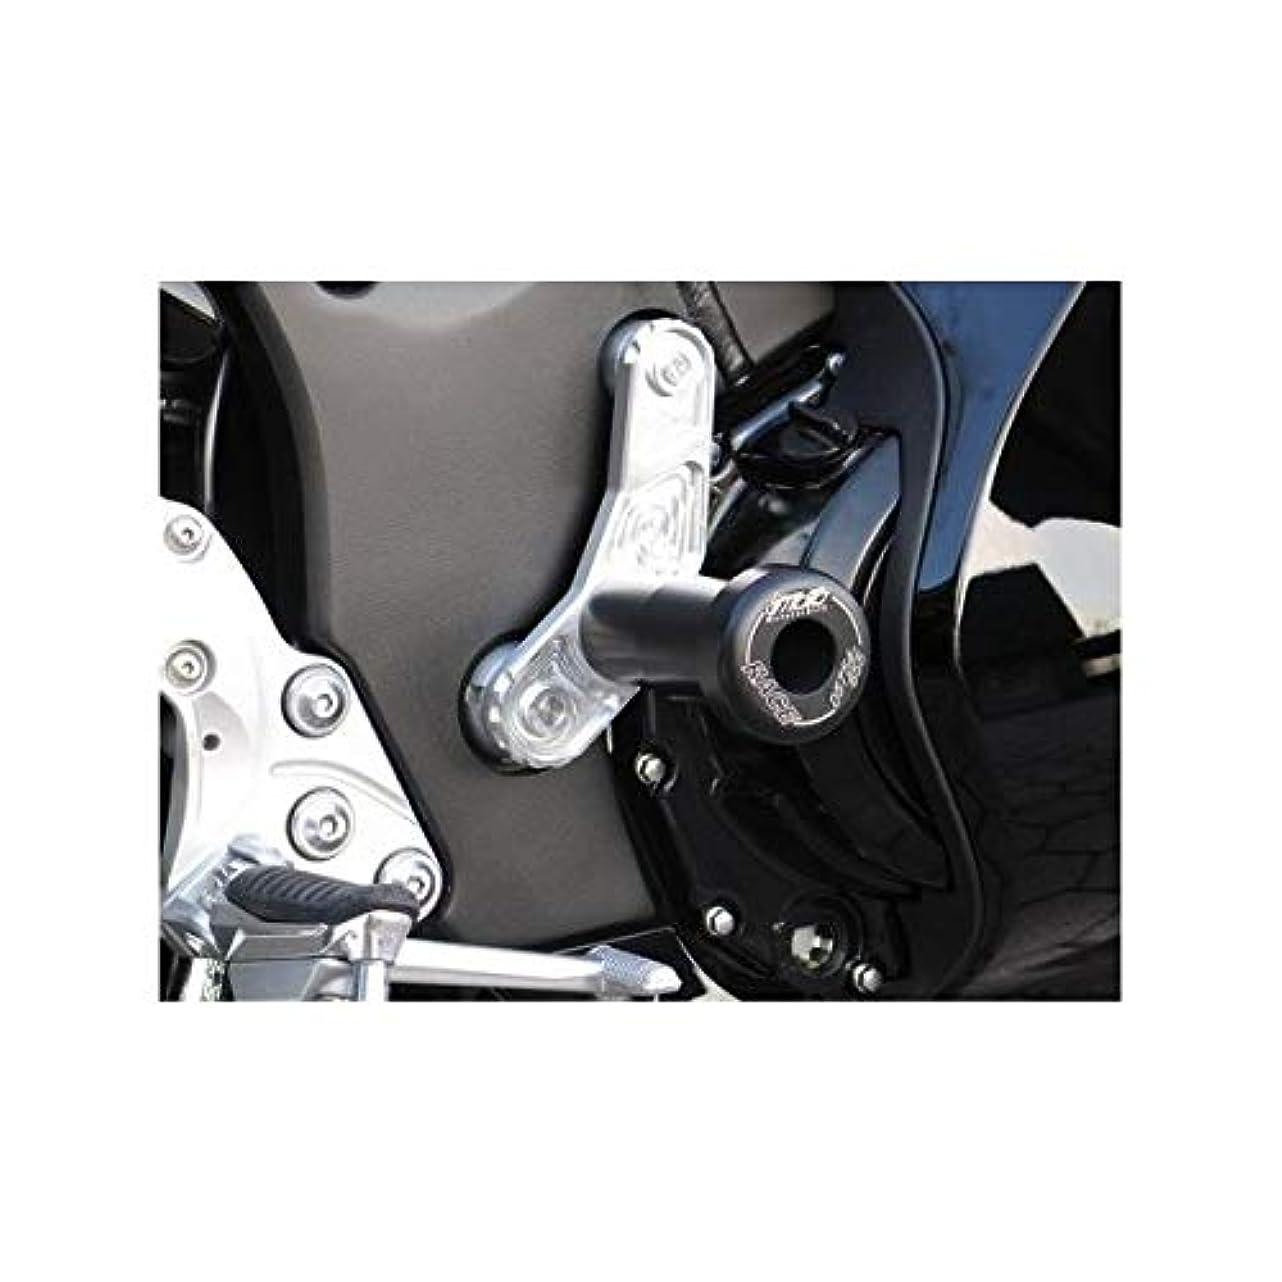 水分つらい教育するオーヴァーレーシング(OVERRACING) フロント/リア アクスルスライダーセット ジュラコン ブラック MT-09(14-16)/MT-09 TRACER(15-16)/XSR900 59-45-21